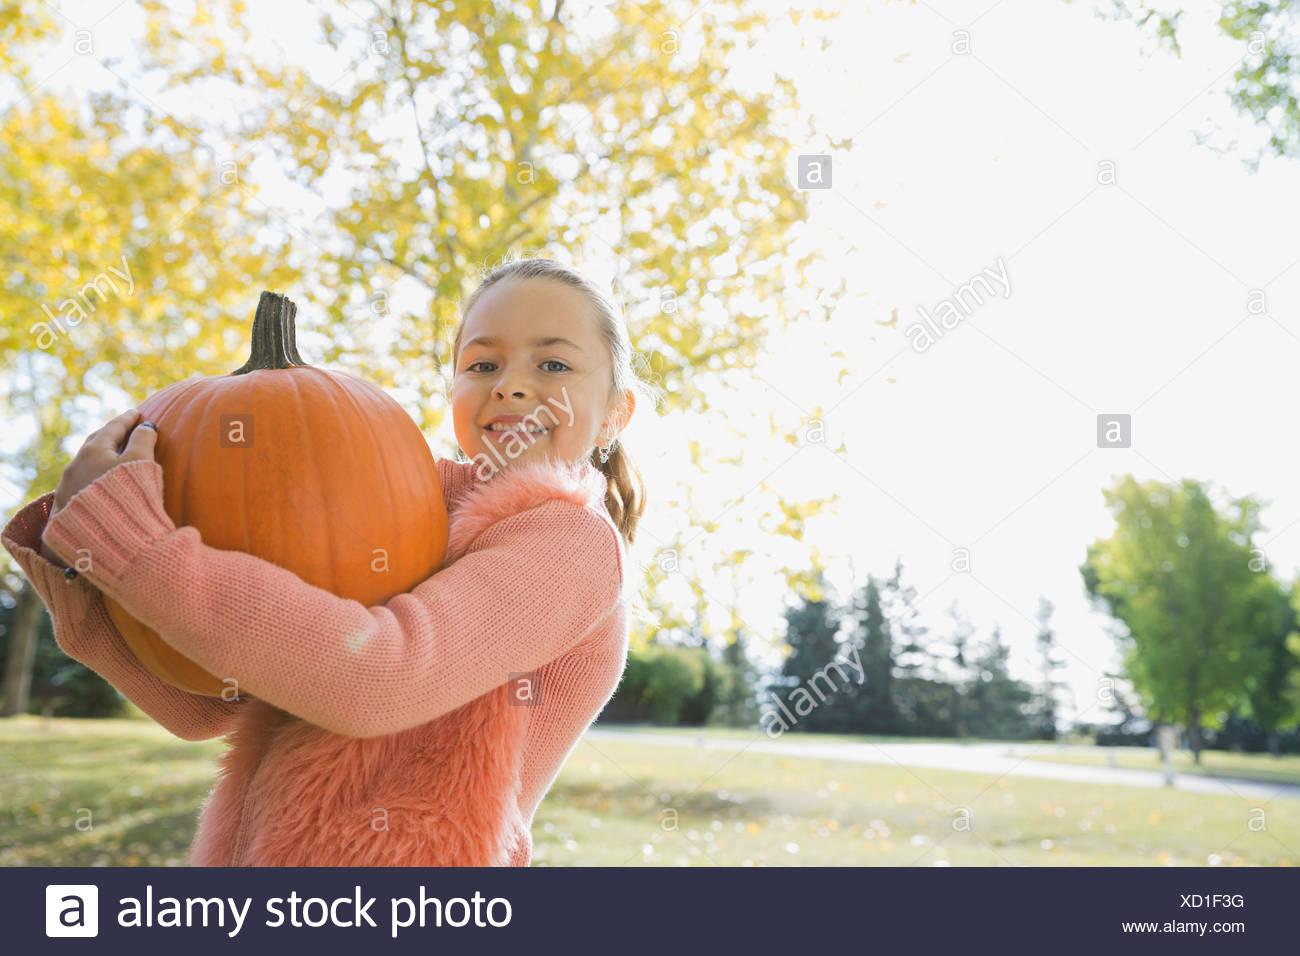 Retrato de niña alegre llevar calabaza Imagen De Stock